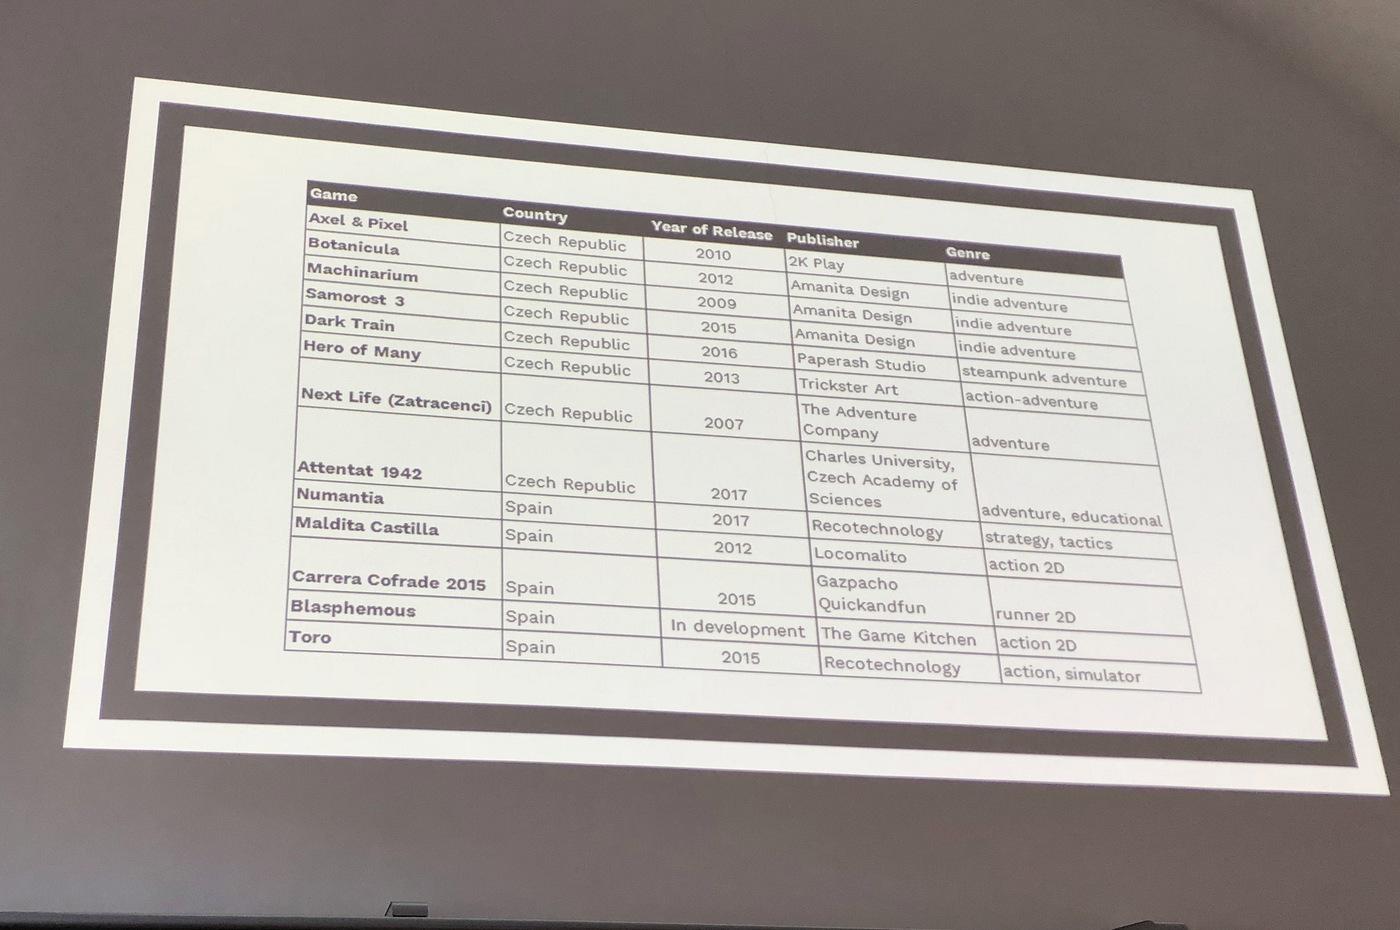 Seznam porovnávaných her